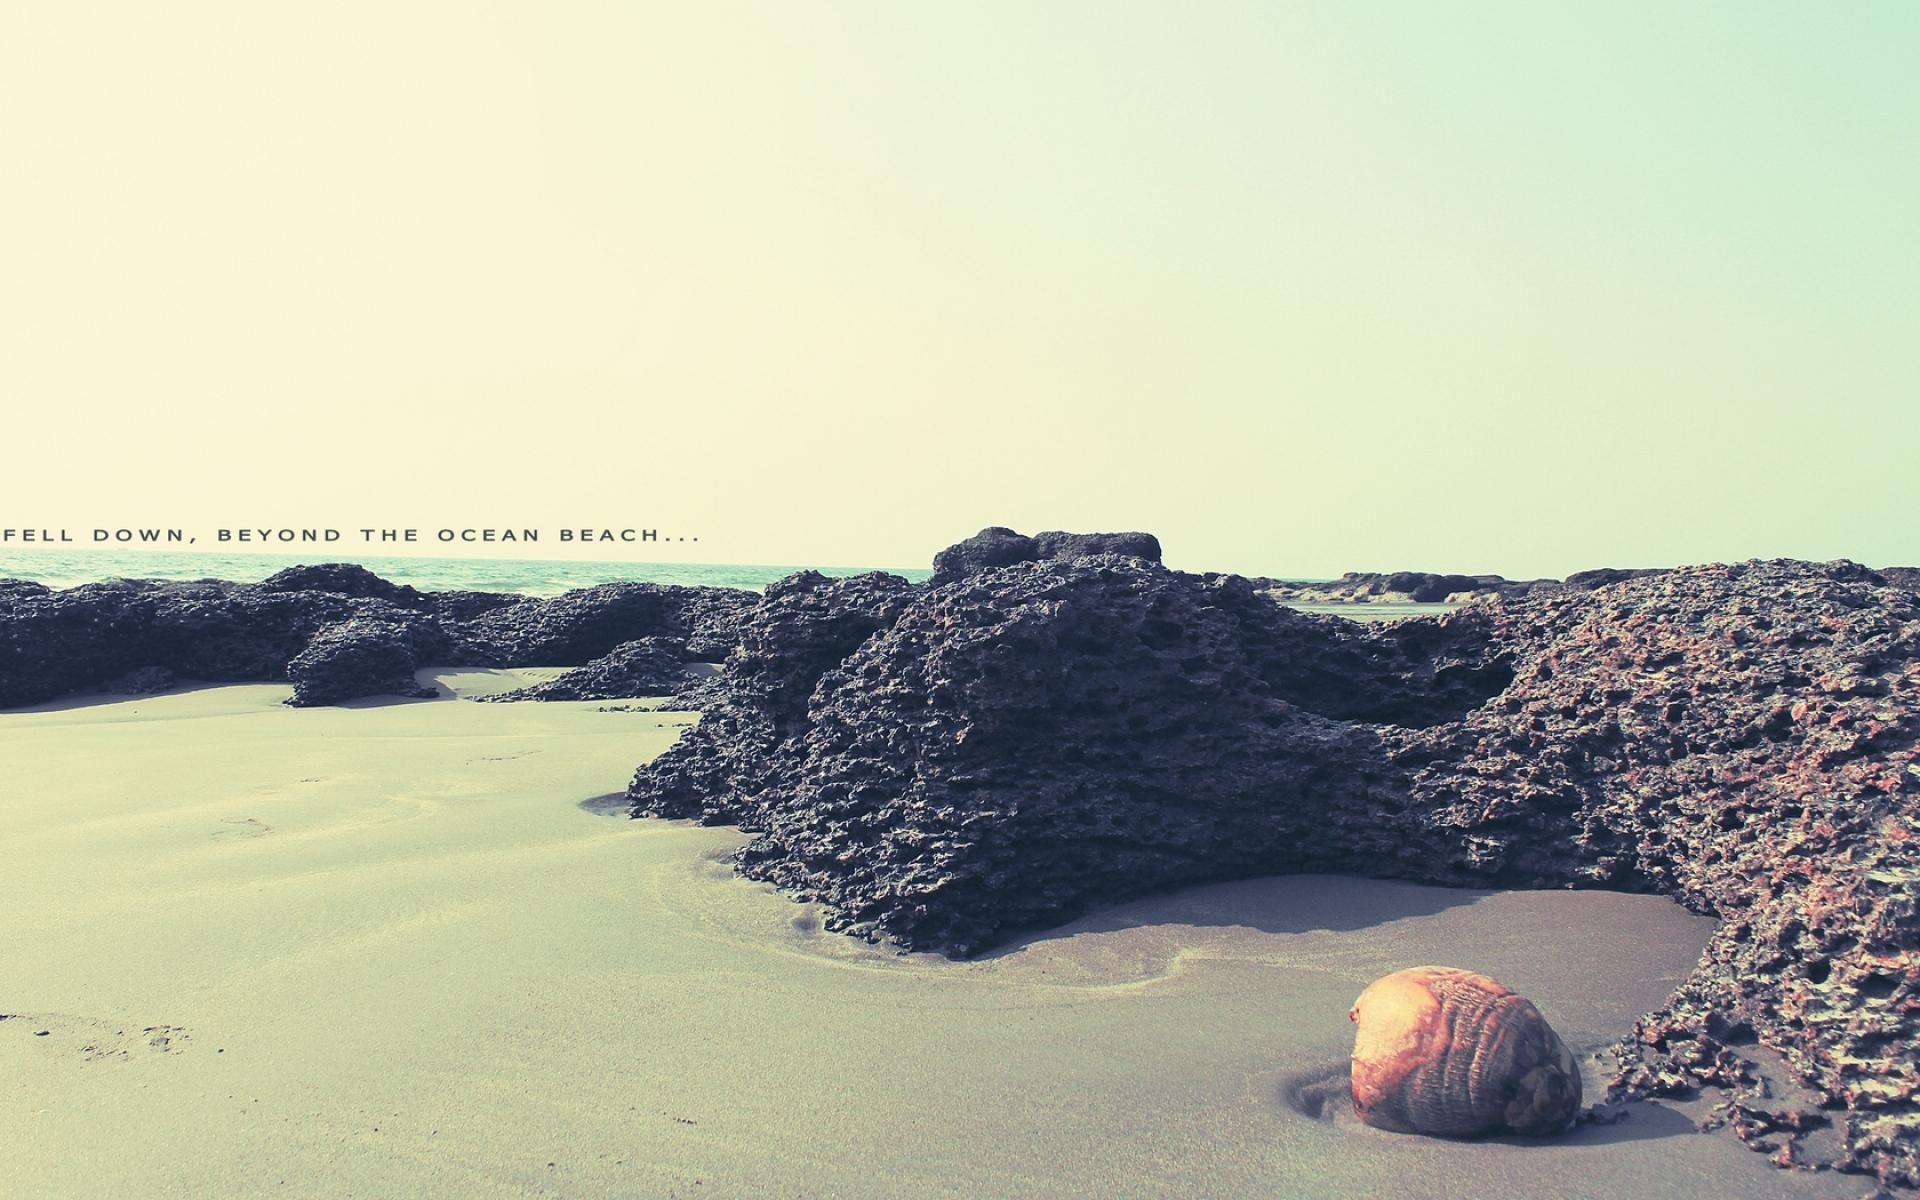 Картинки Пляж, песок, рифы, океан, раковина, надпись, цвета фото и обои на рабочий стол